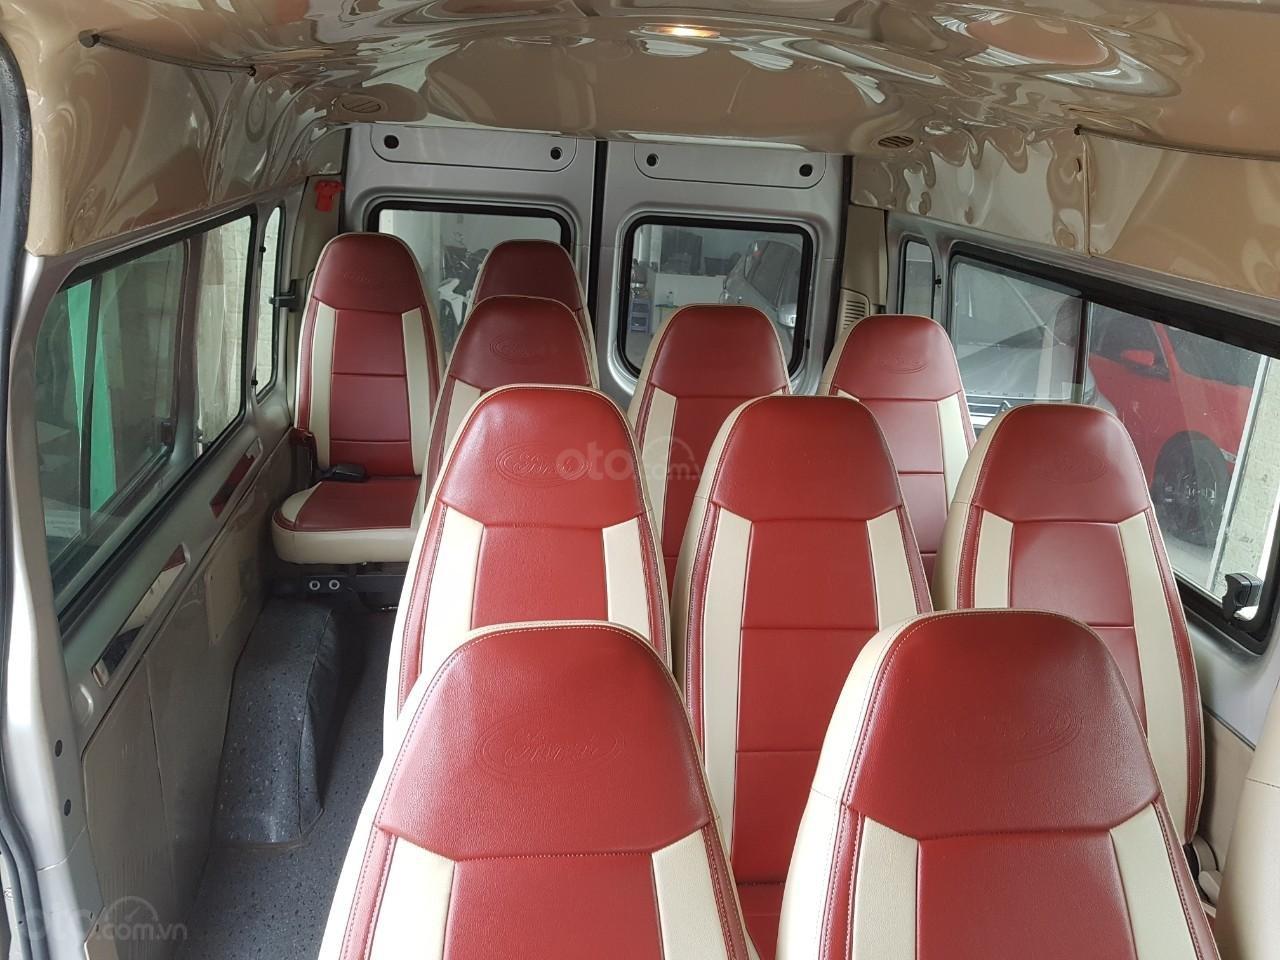 Bán xe Ford Transit 2013, đăng ký 2014, xe chỉ đưa đón học sinh, không chạy tuyến, giá 310tr (6)